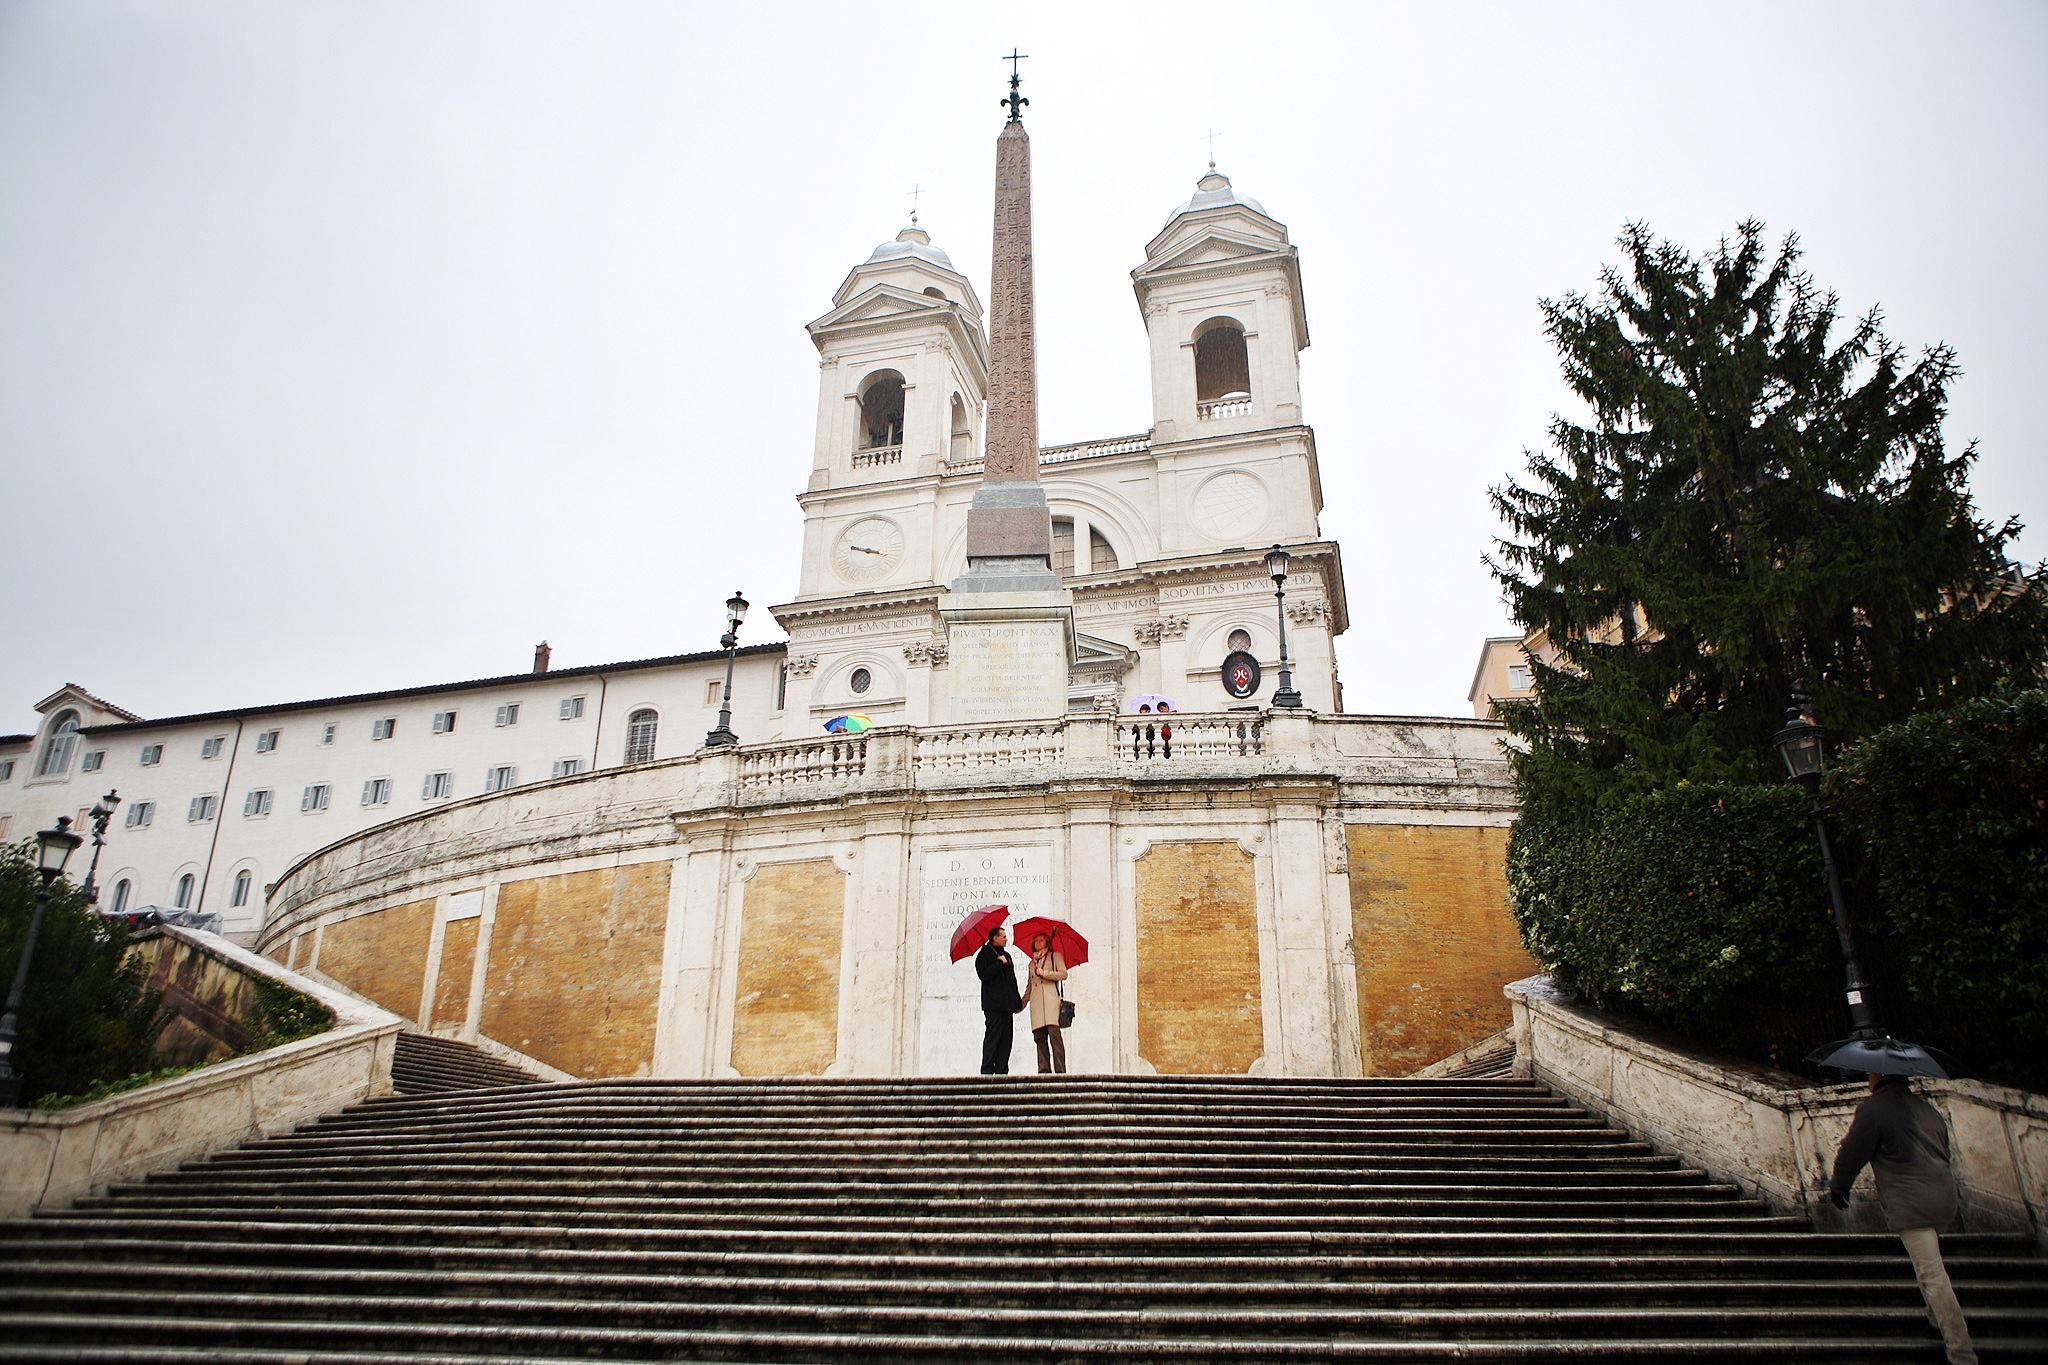 Escadarias da Plaza espana, em Roma, Itália